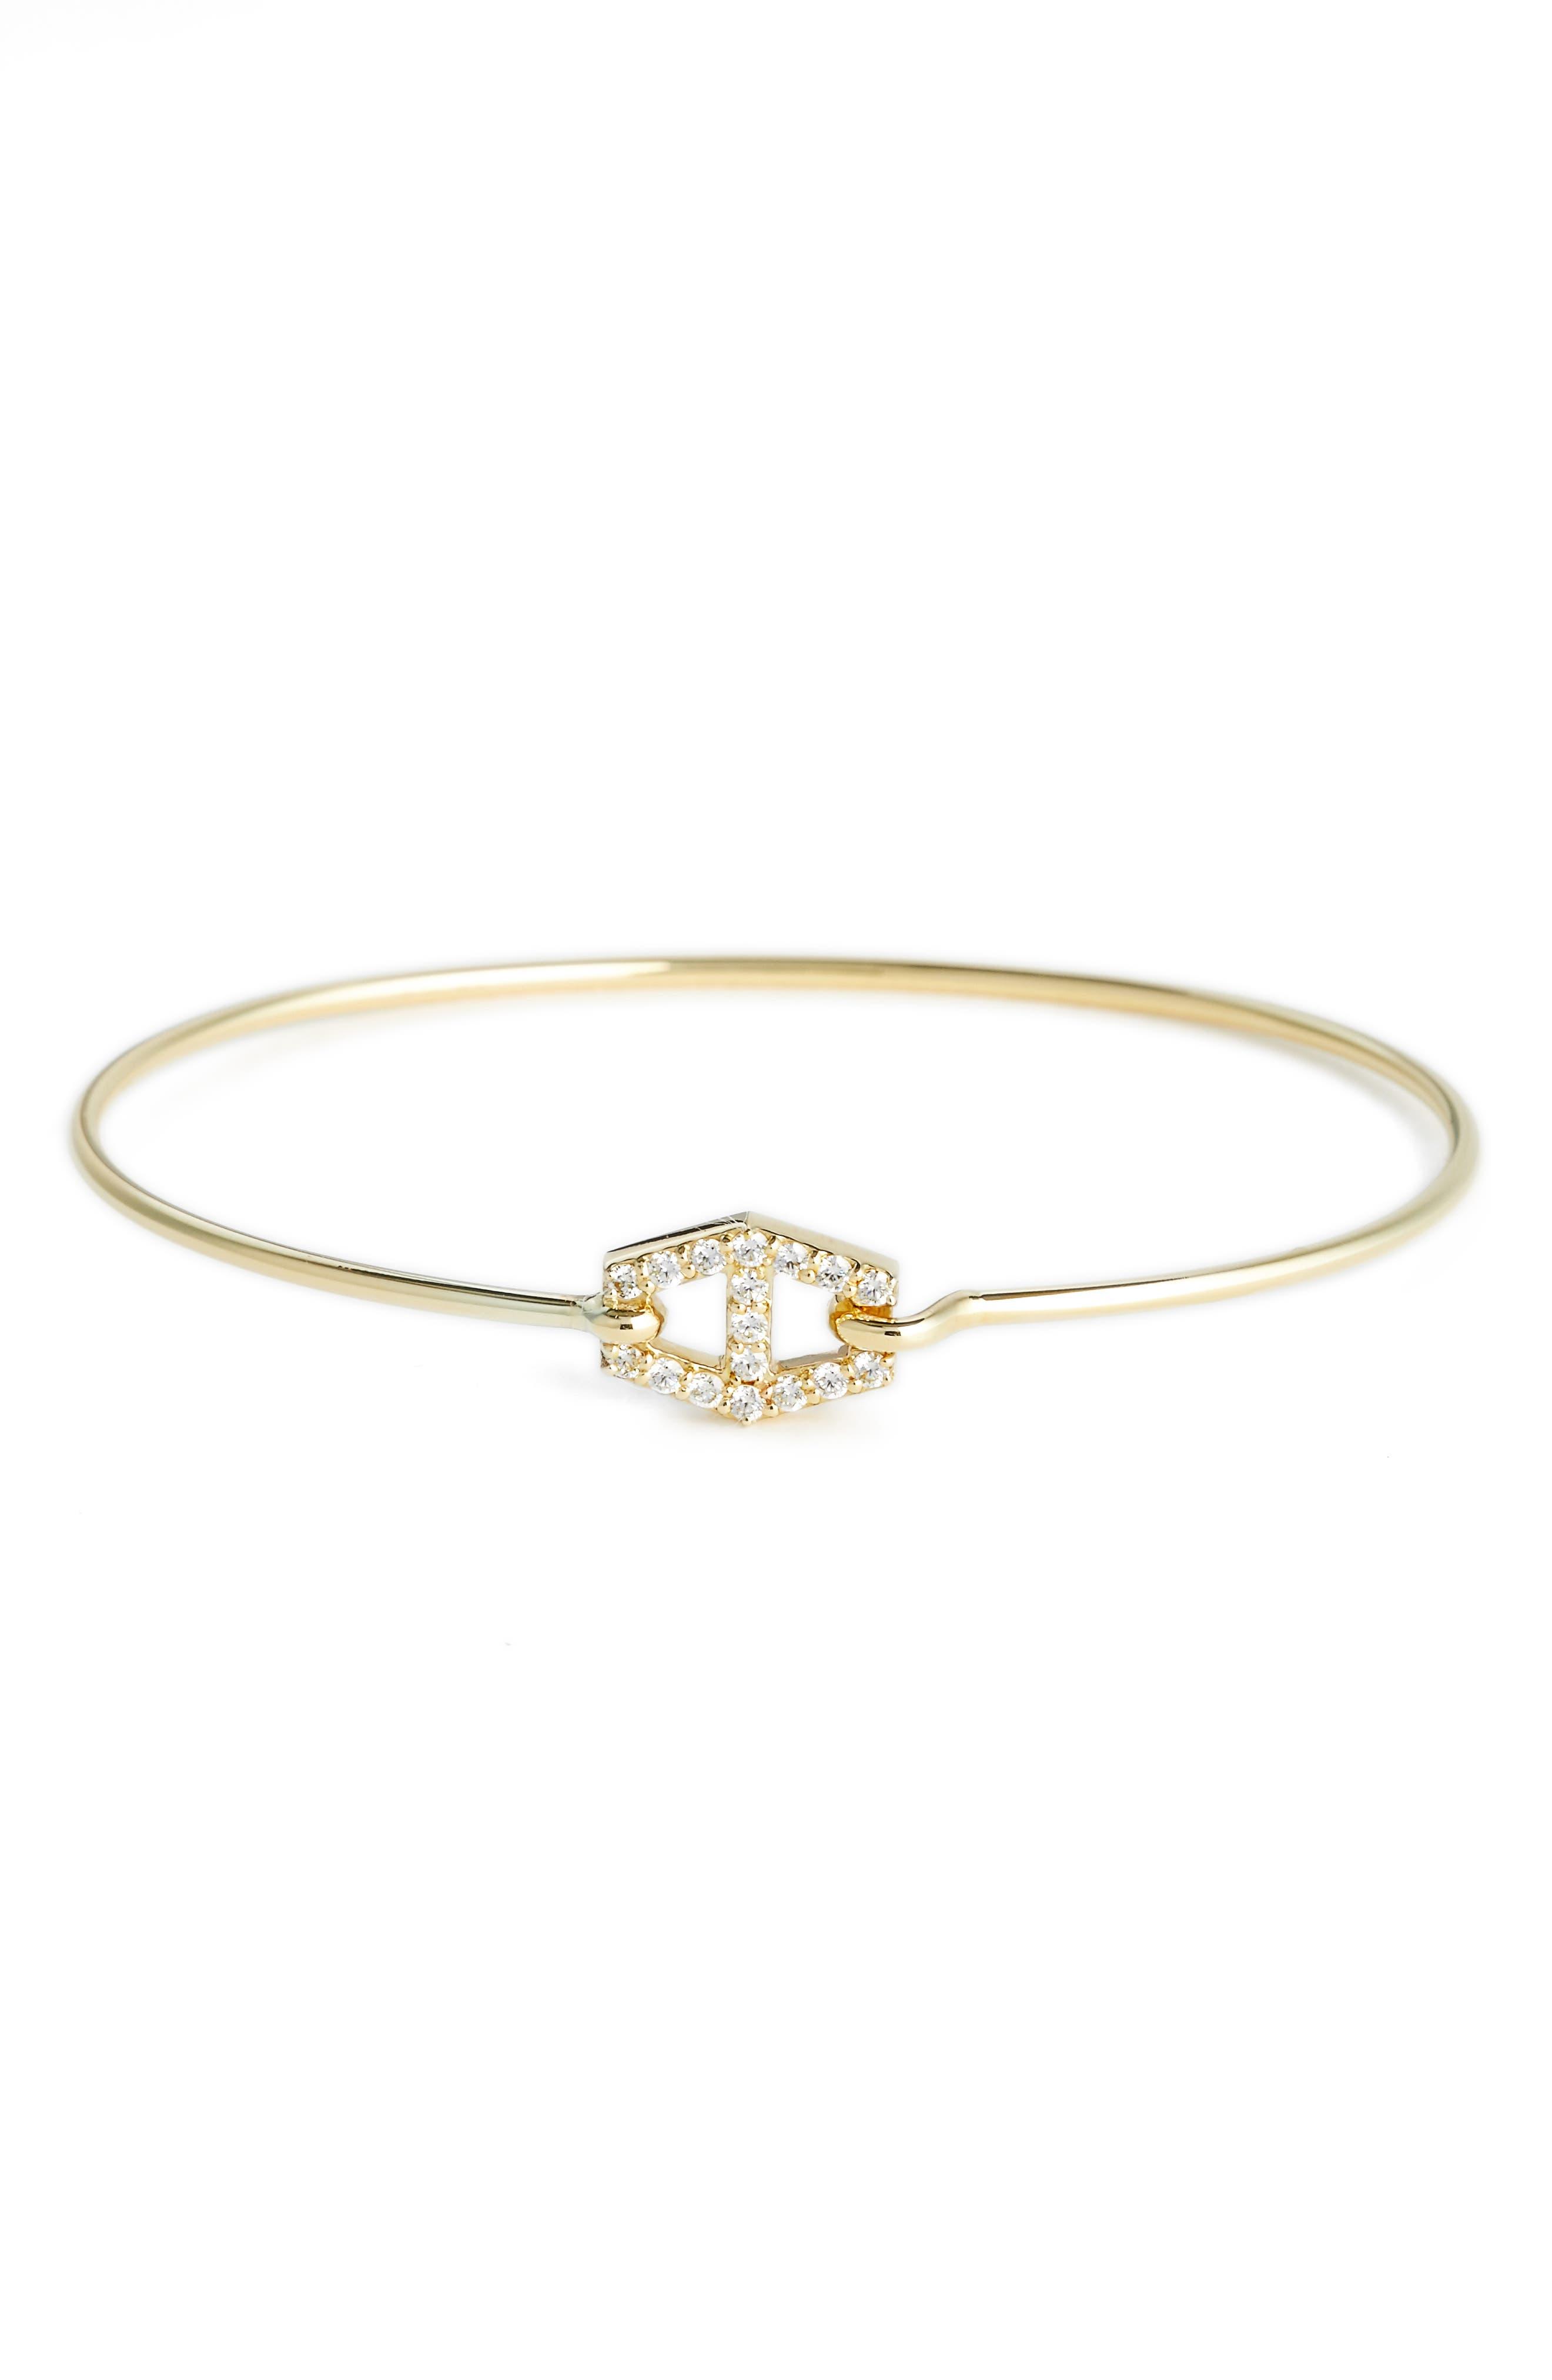 Main Image - Jemma Wynne Prive Diamond Bangle